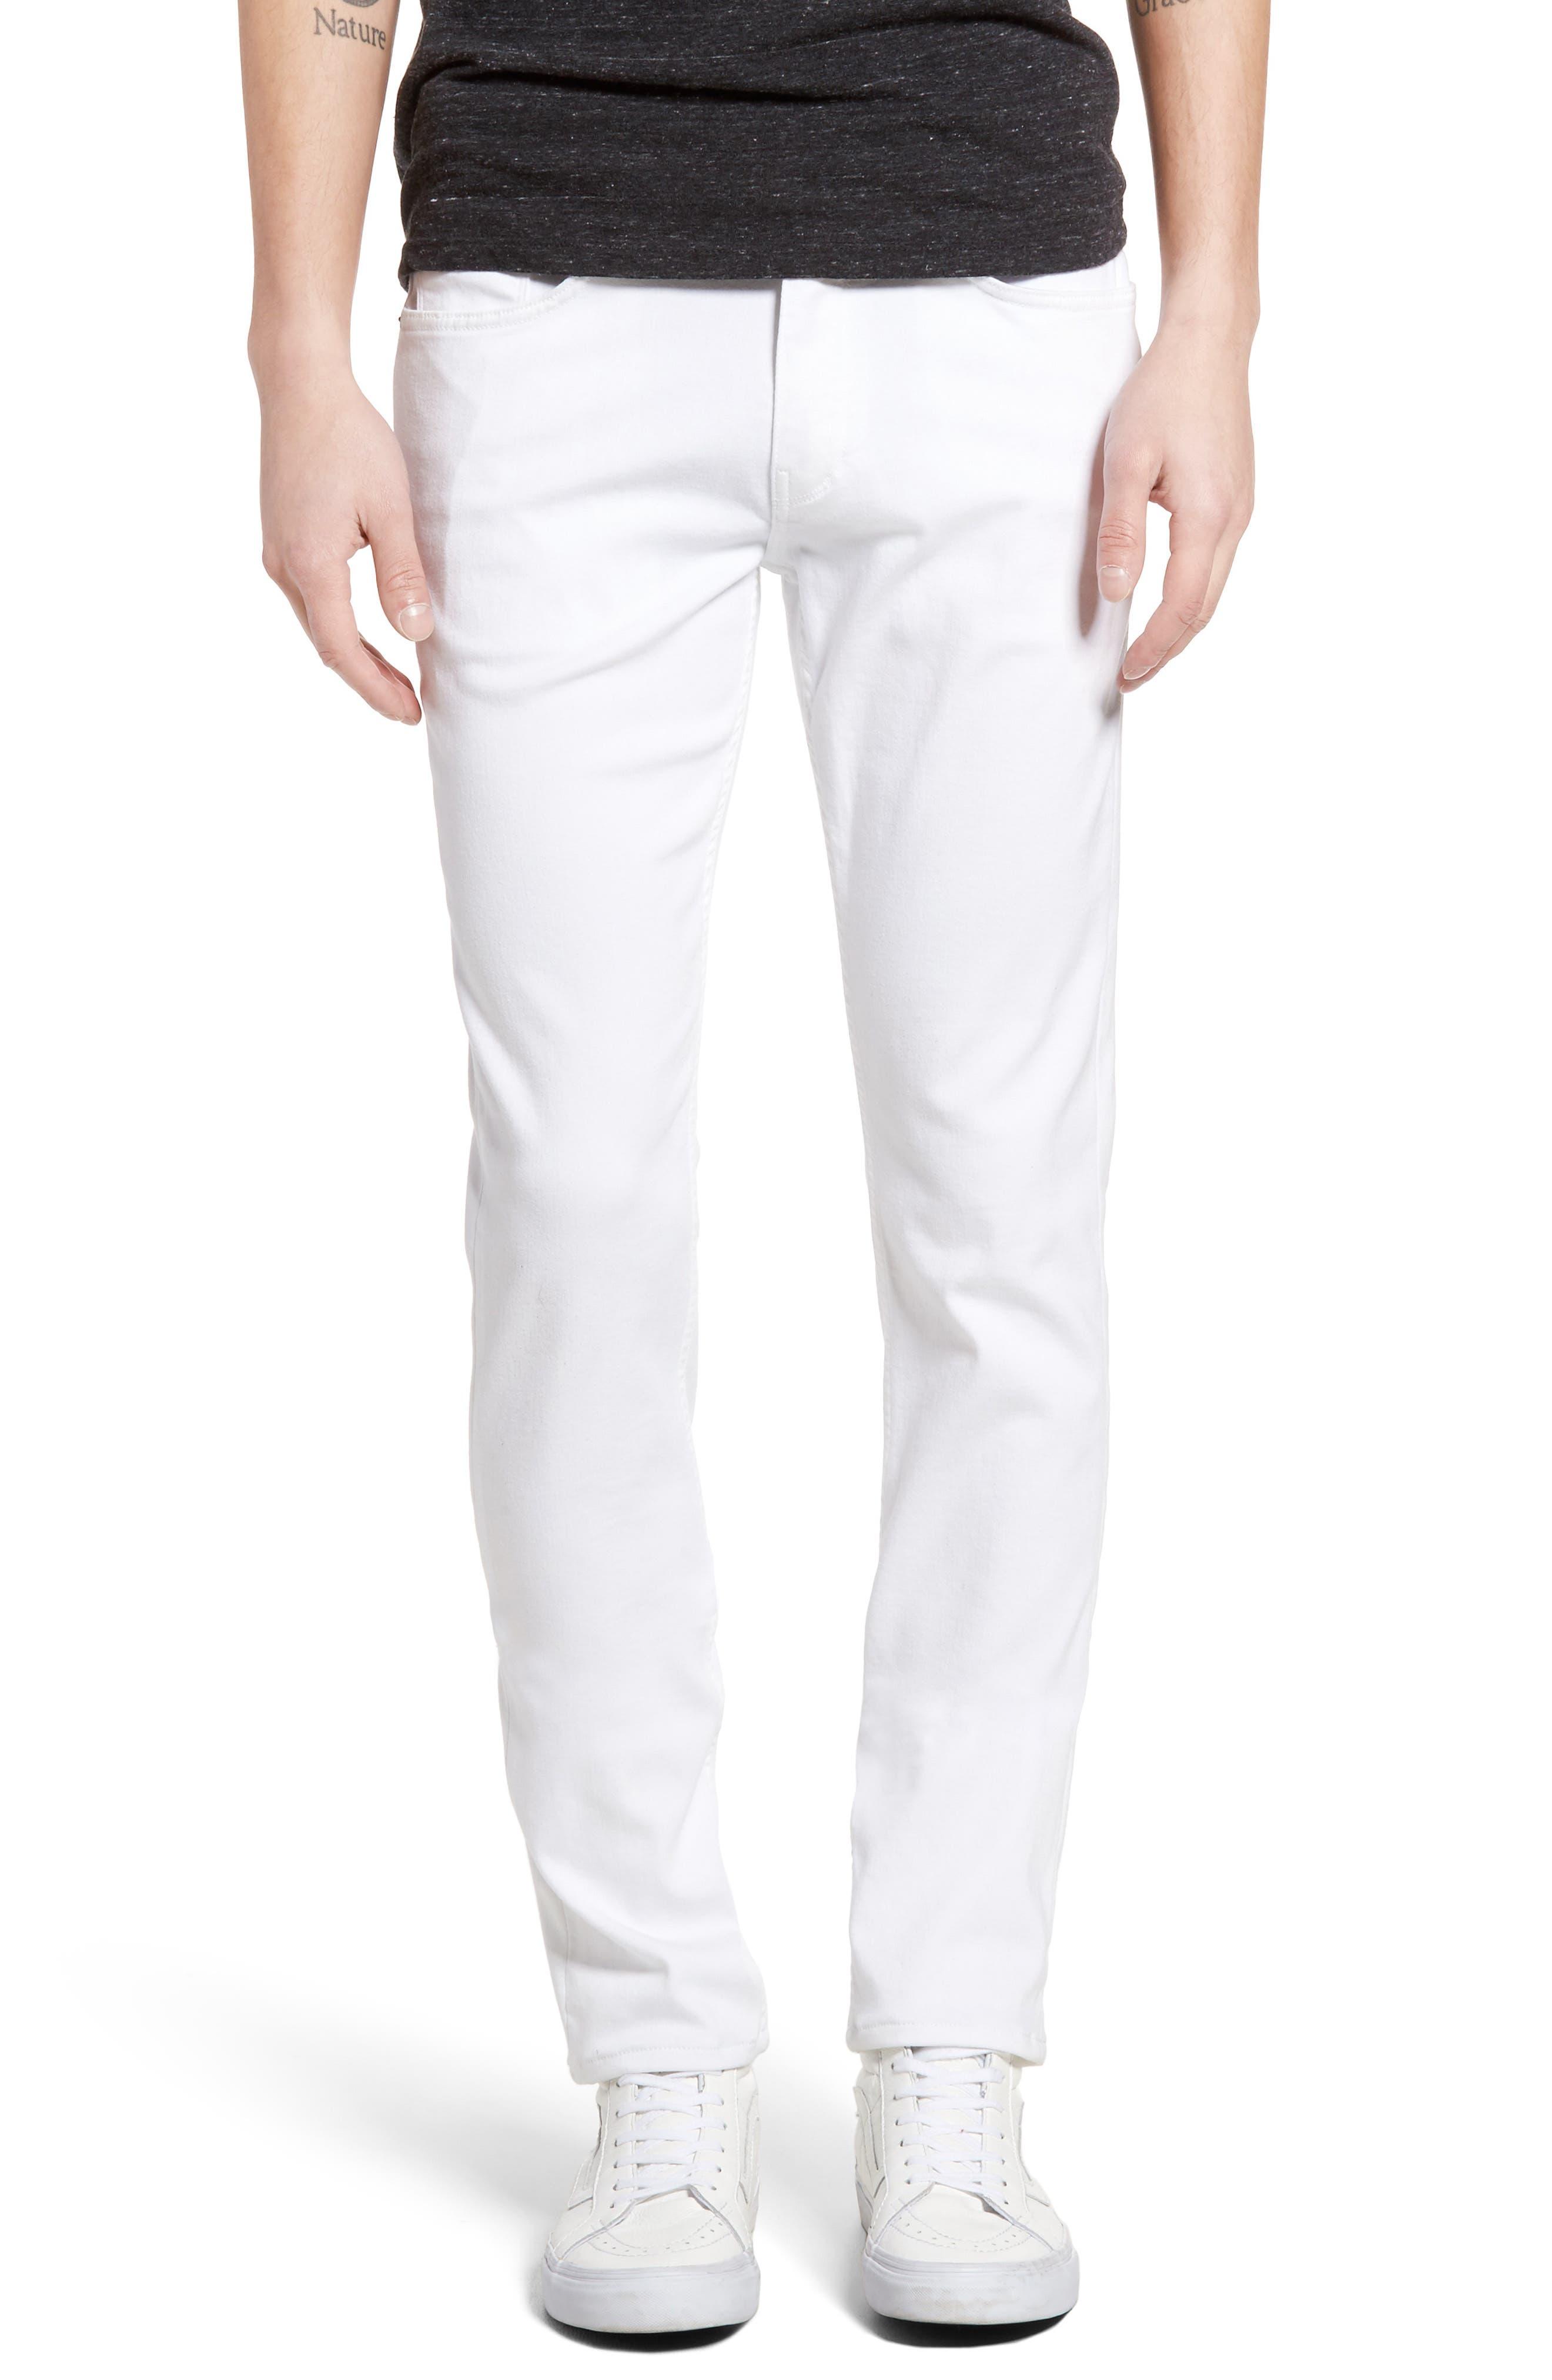 PAIGE Transcend - Lennox Slim Fit Jeans, Main, color, ICECAP